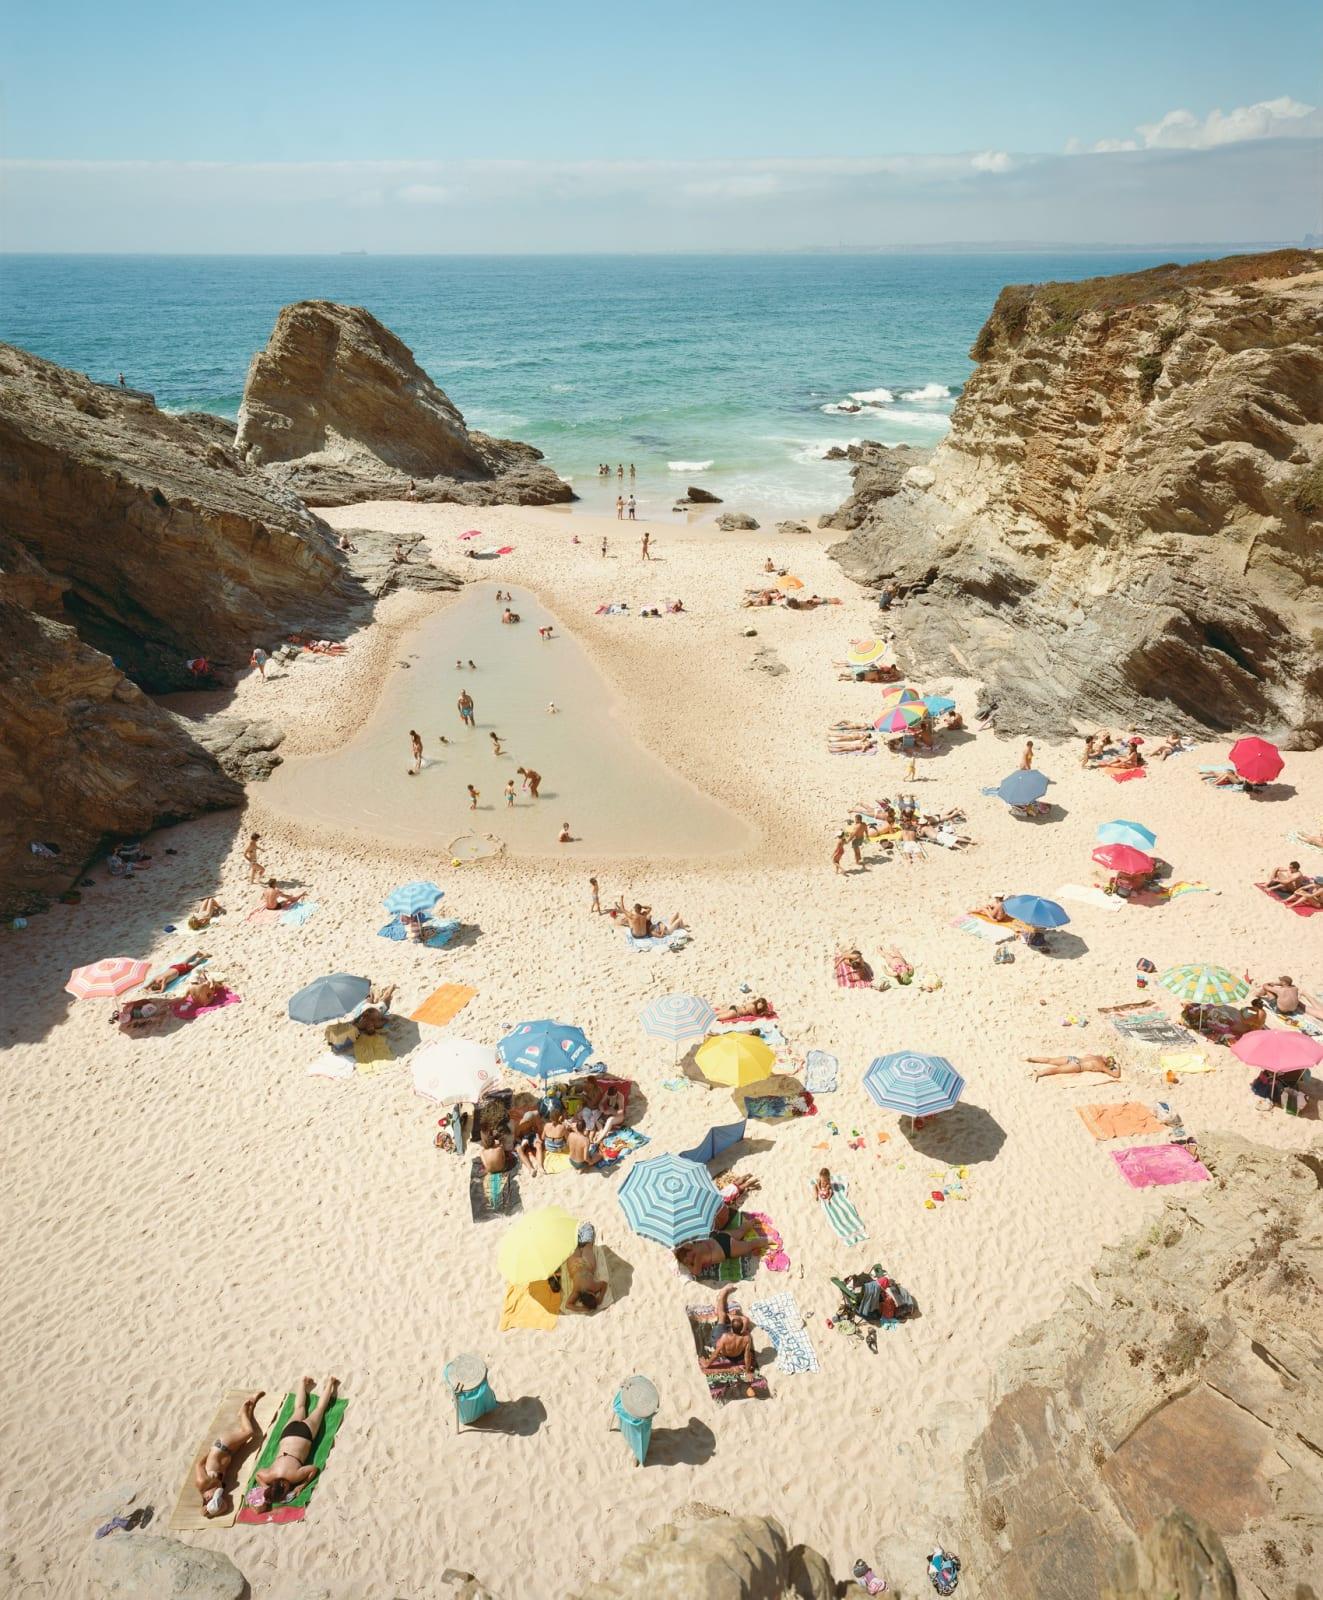 Christian Chaize Praia Piquinia 22/08/11 15h34